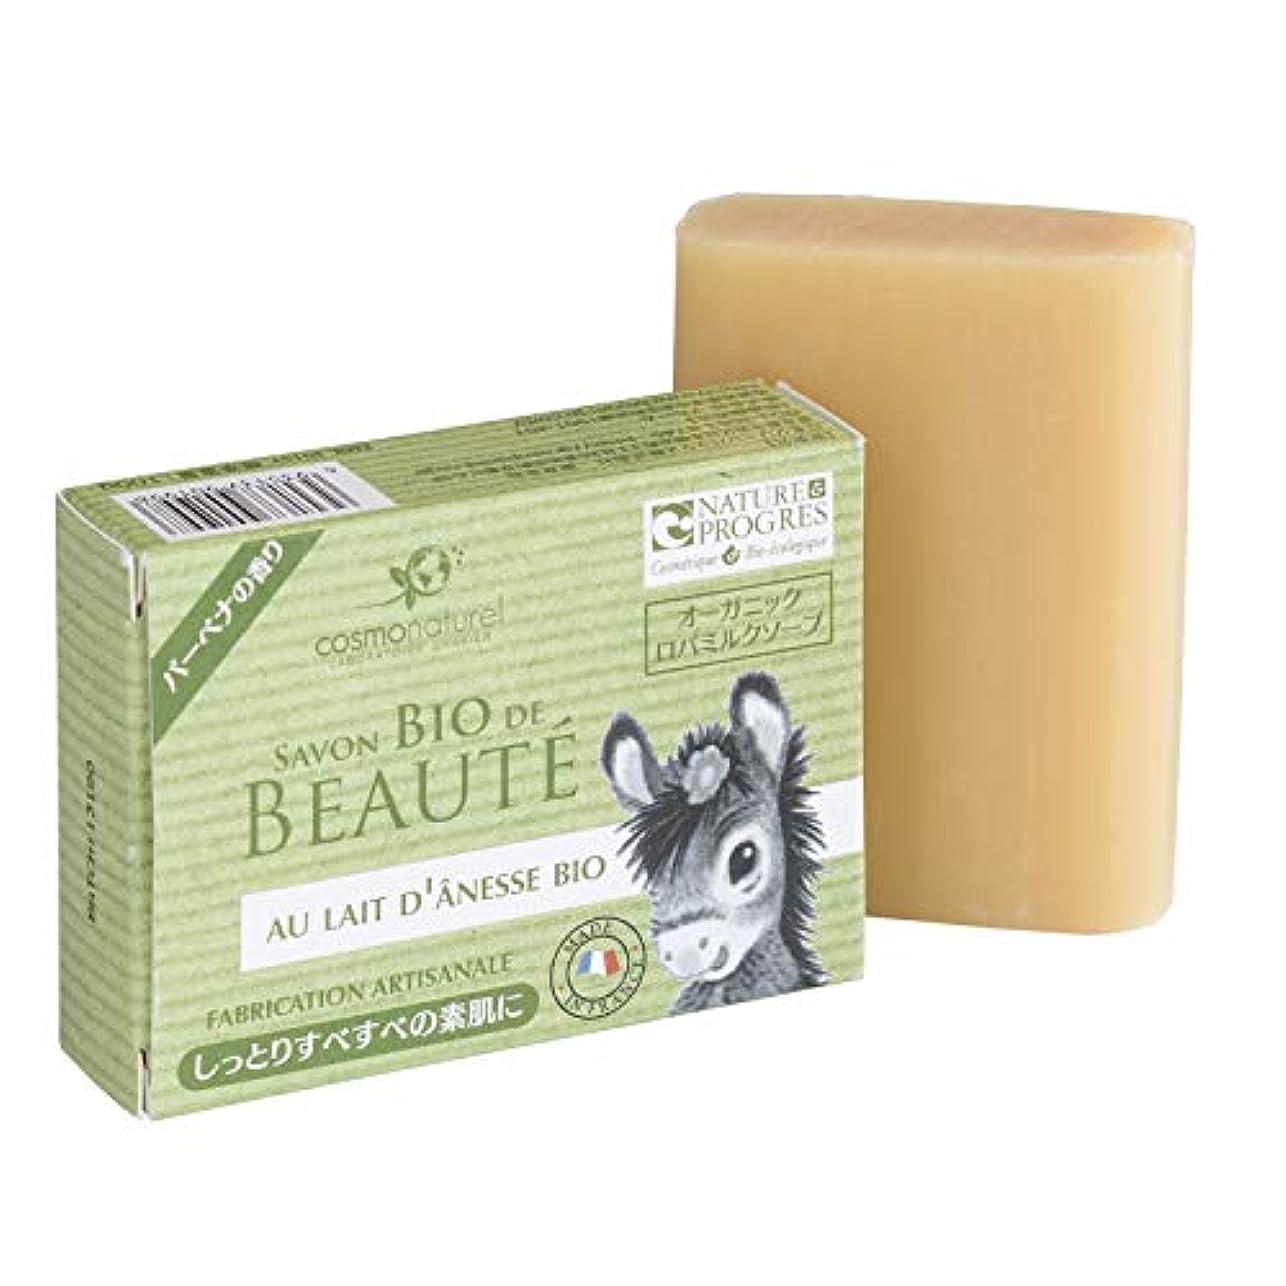 哲学的ブラシ広くコスモナチュレル オーガニック ロバミルクソープ バーベナの香り 100g